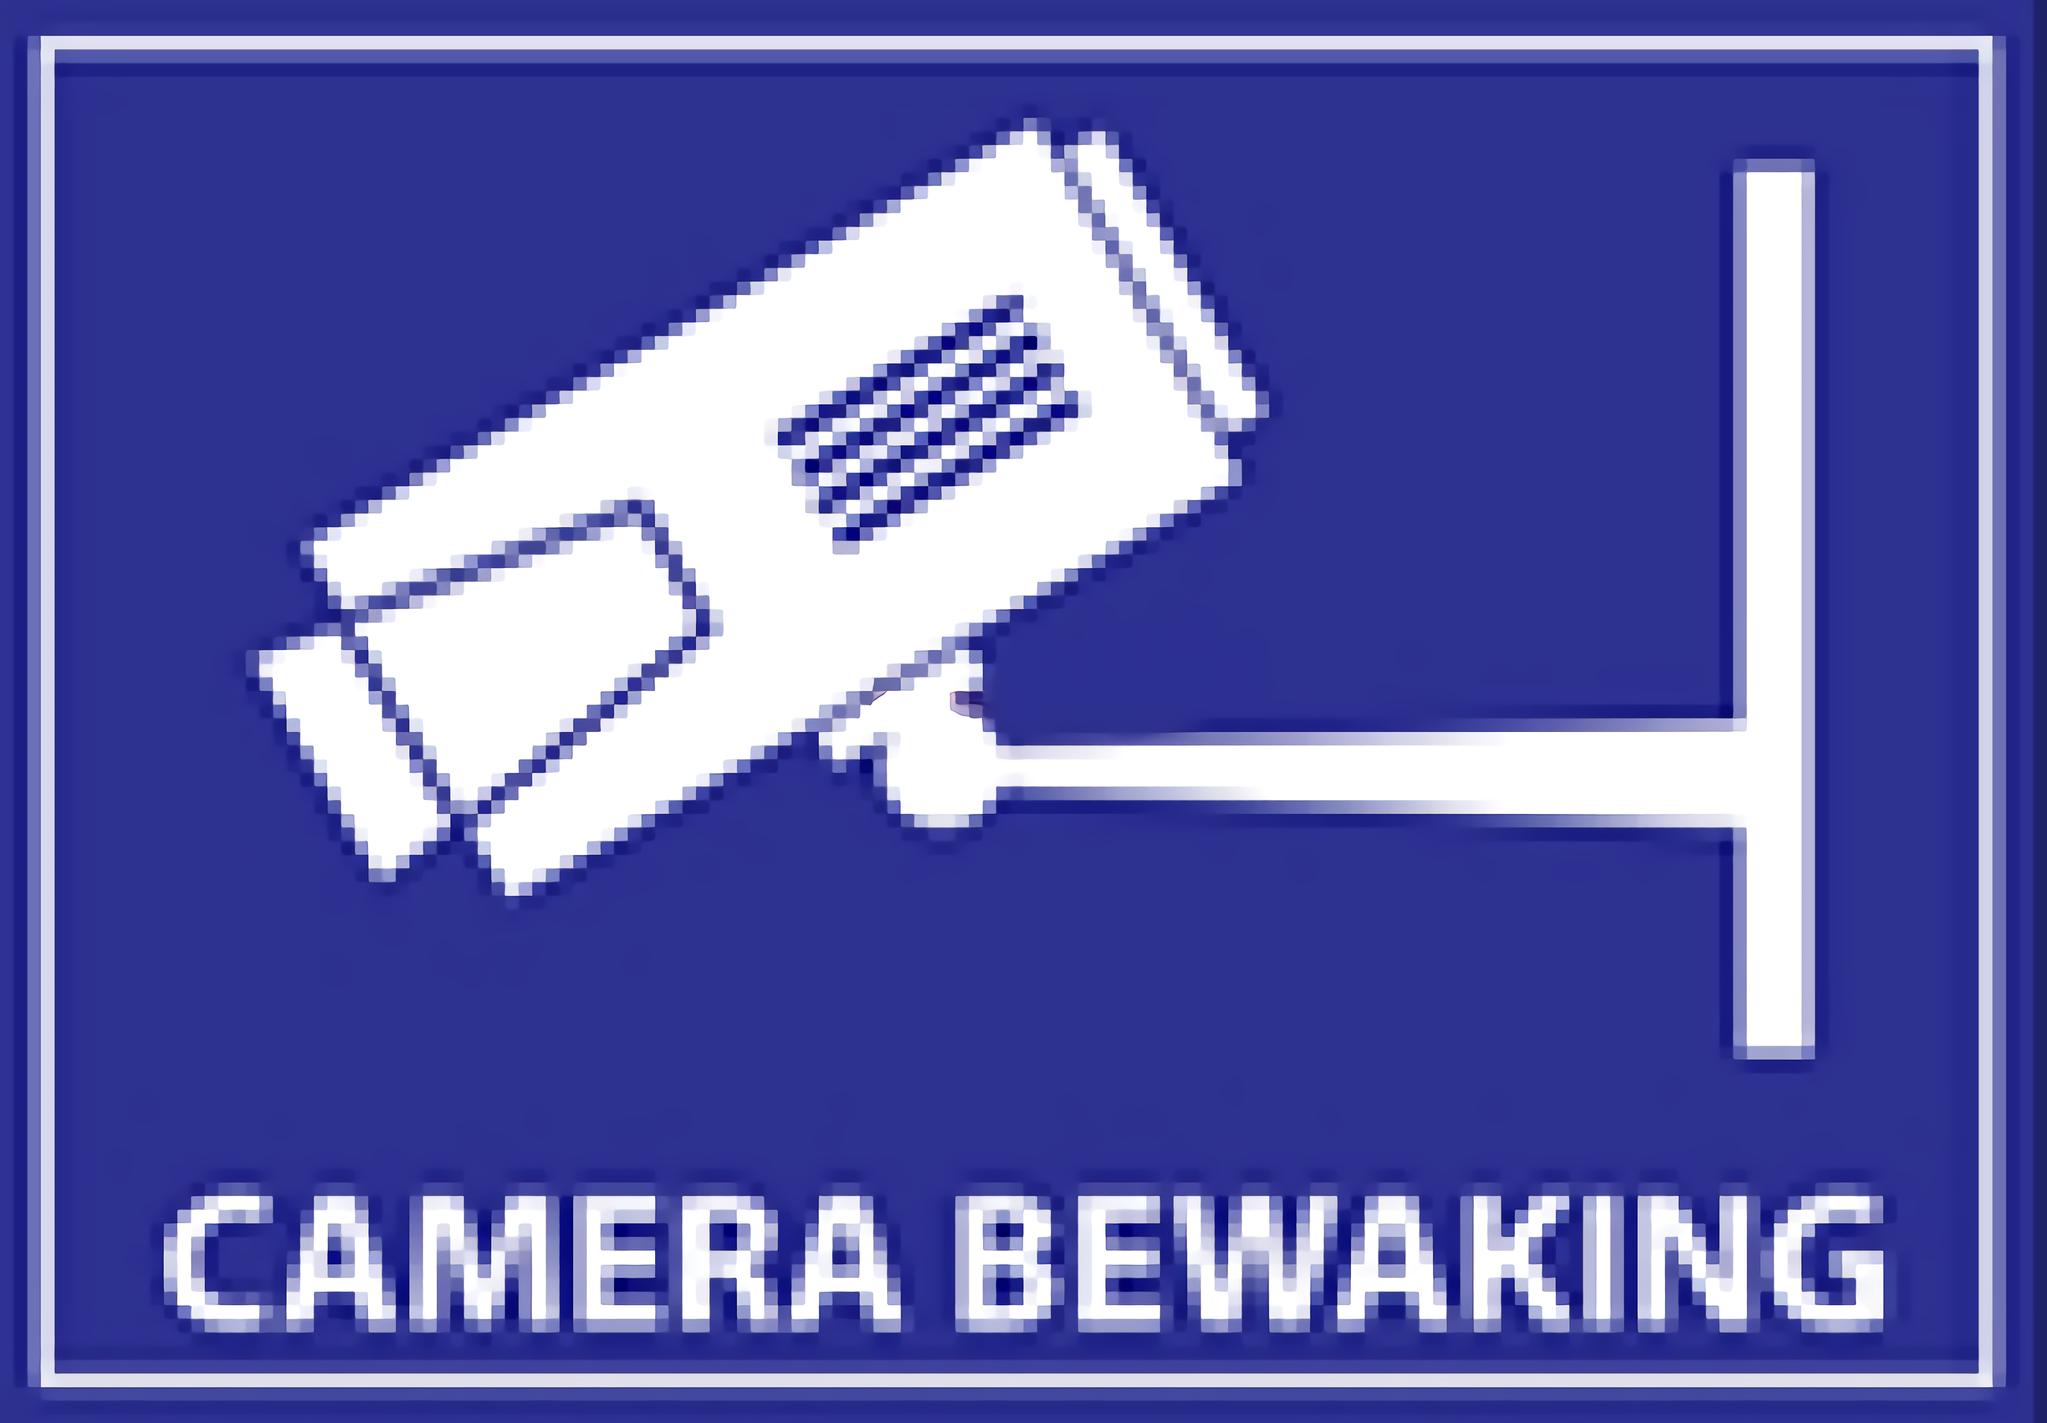 Apunte sus cámaras de vigilancia a clientes, empleados y transeúntes. Esta etiqueta de advertencia profesional disuade y, por lo tanto, puede evitar muchas molestias. Las pegatinas son de un solo lado y resistentes a la intemperie.